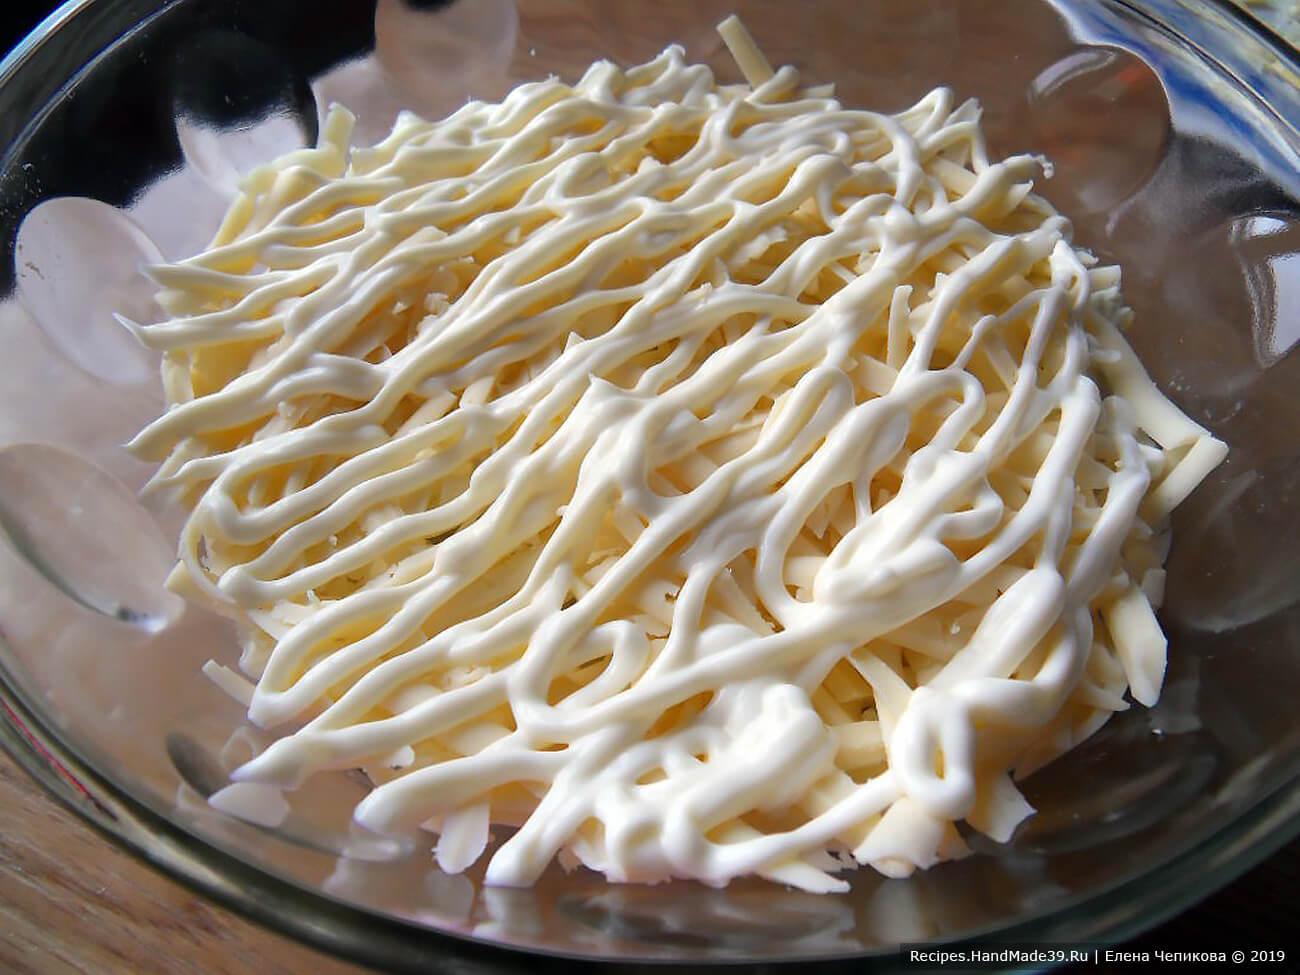 4-й слой – тёртый сыр + сетка из майонеза